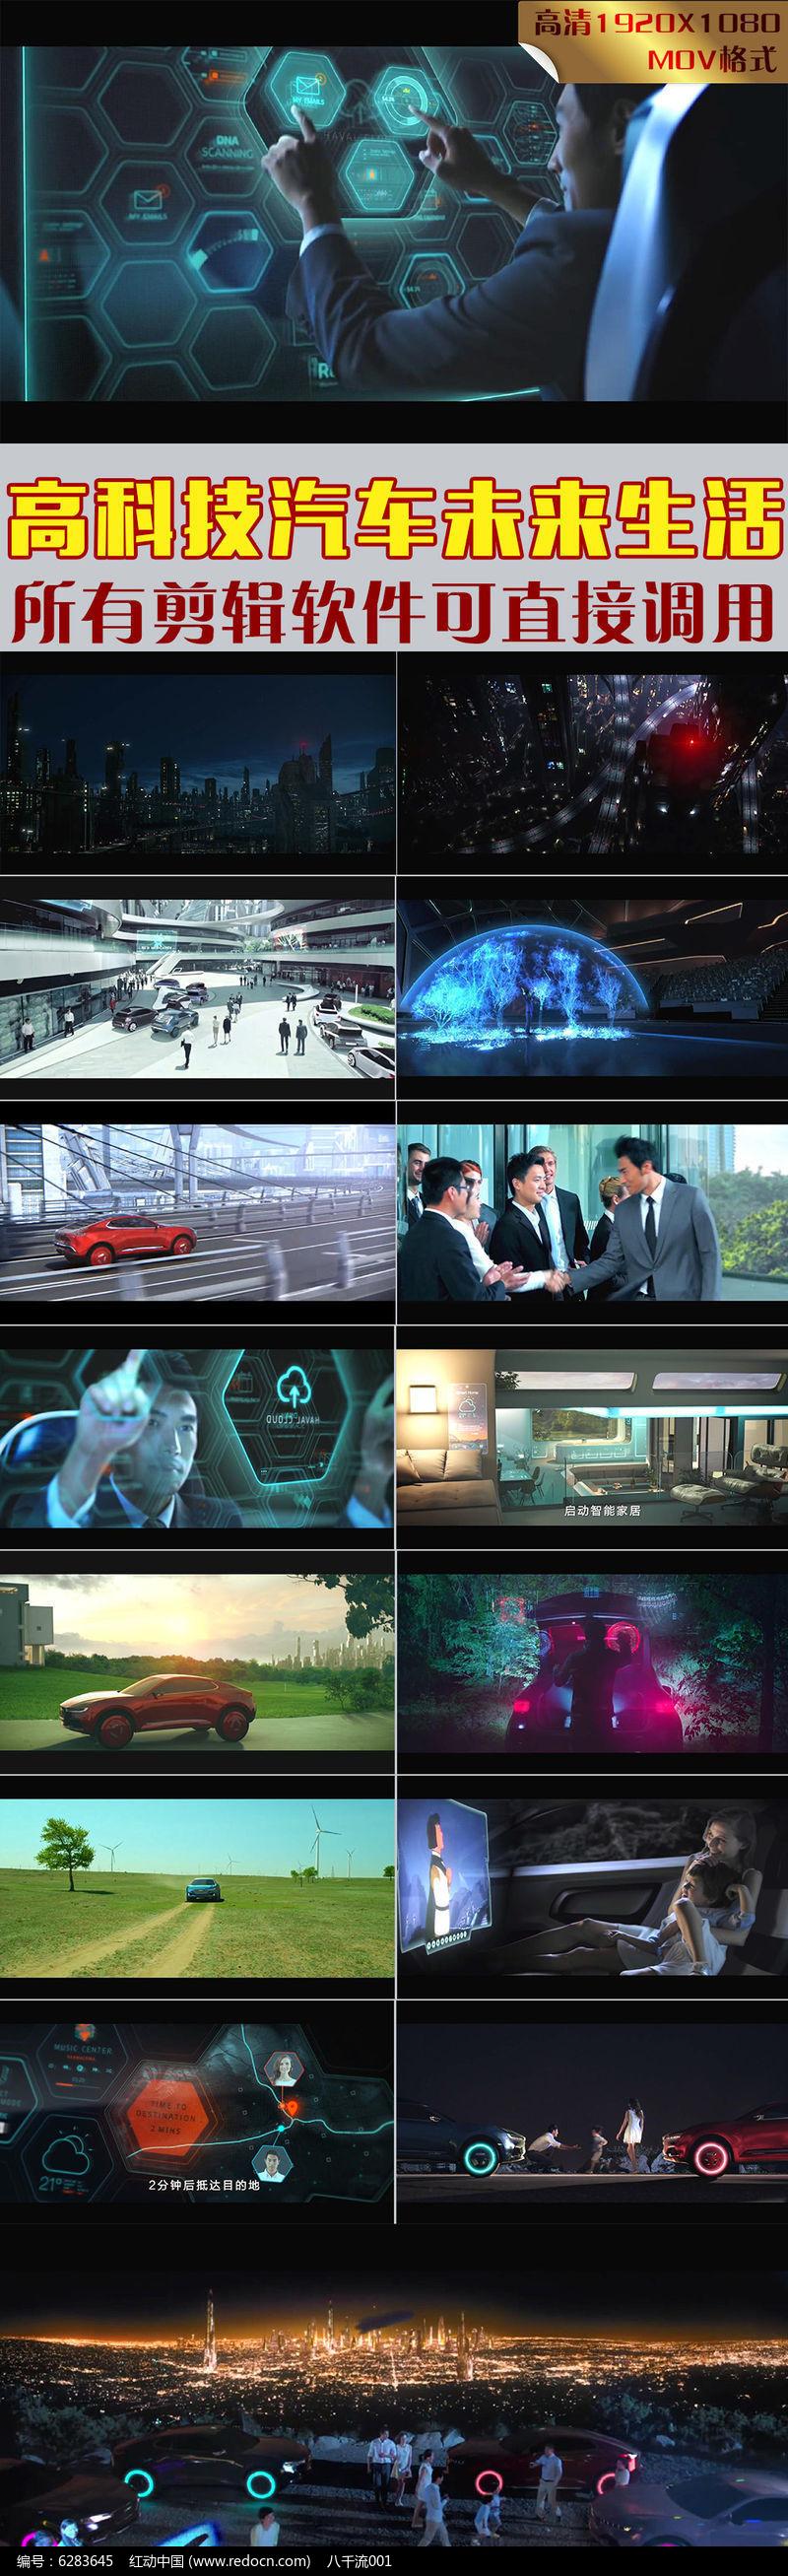 汽车现代高科技未来生活城市图片